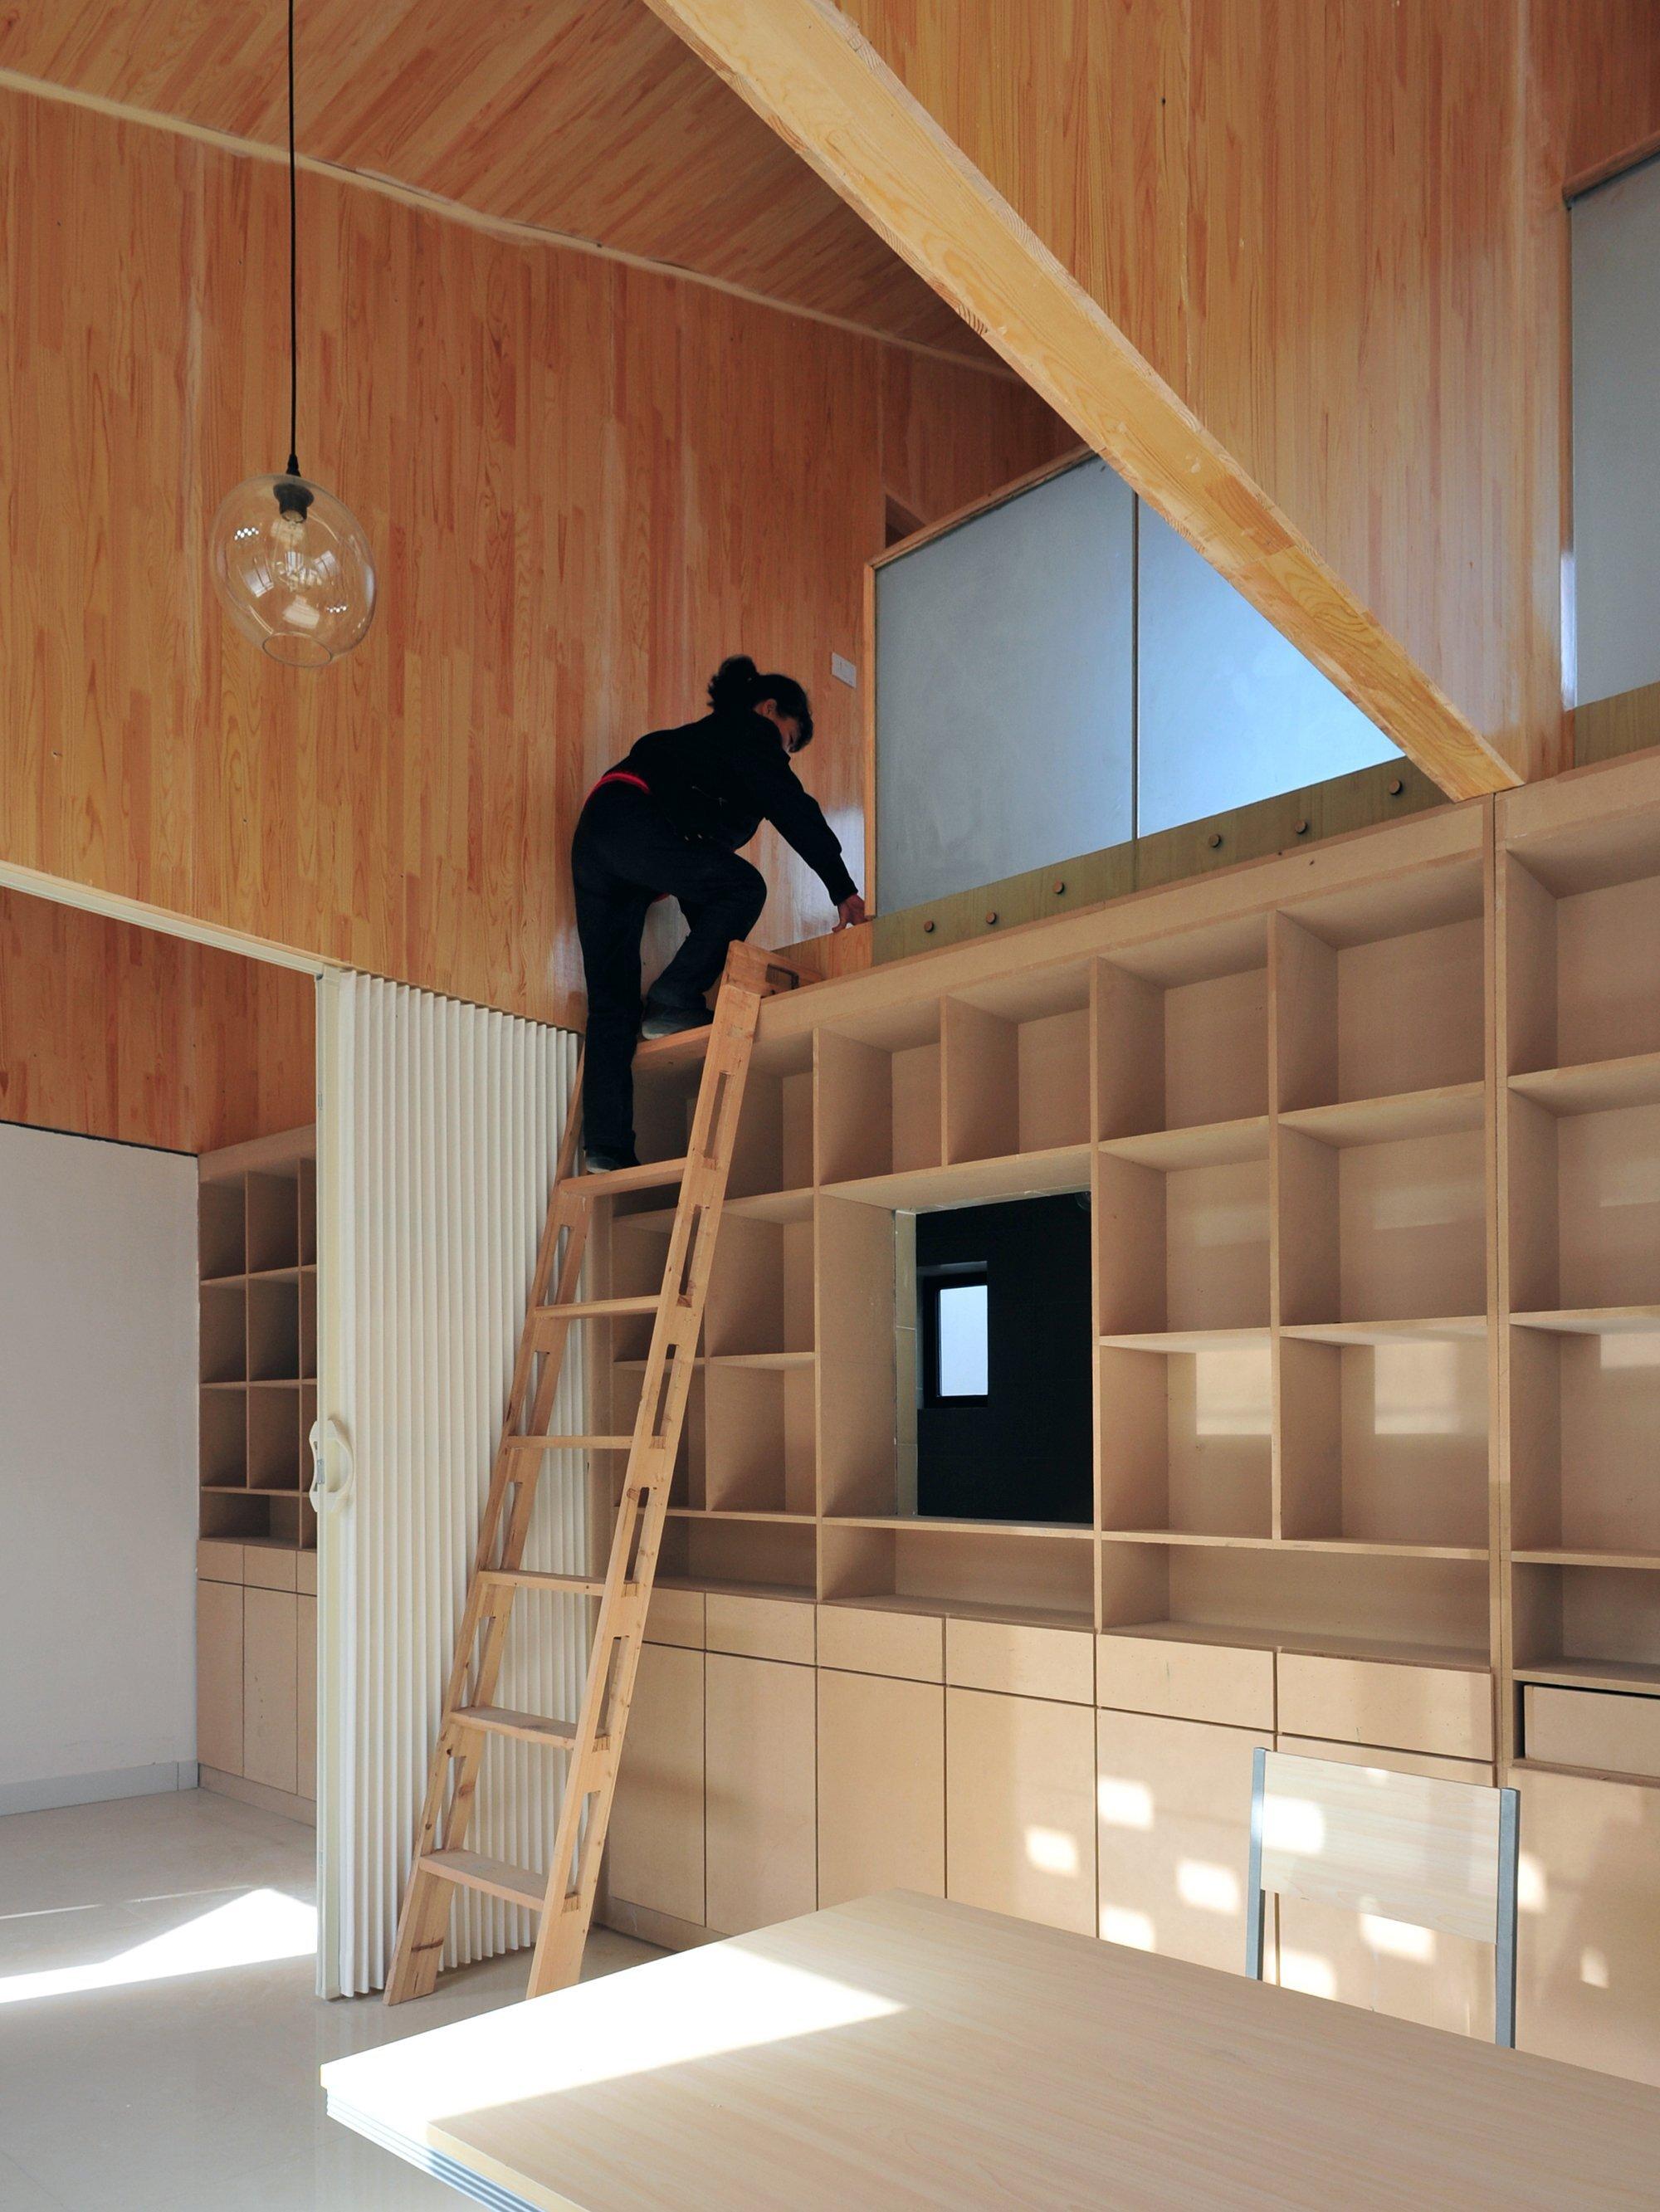 Ban House - Small House - Zhang Dongguang & Liu Wenjuan - Shaanxi China - Storage - Humble Homes